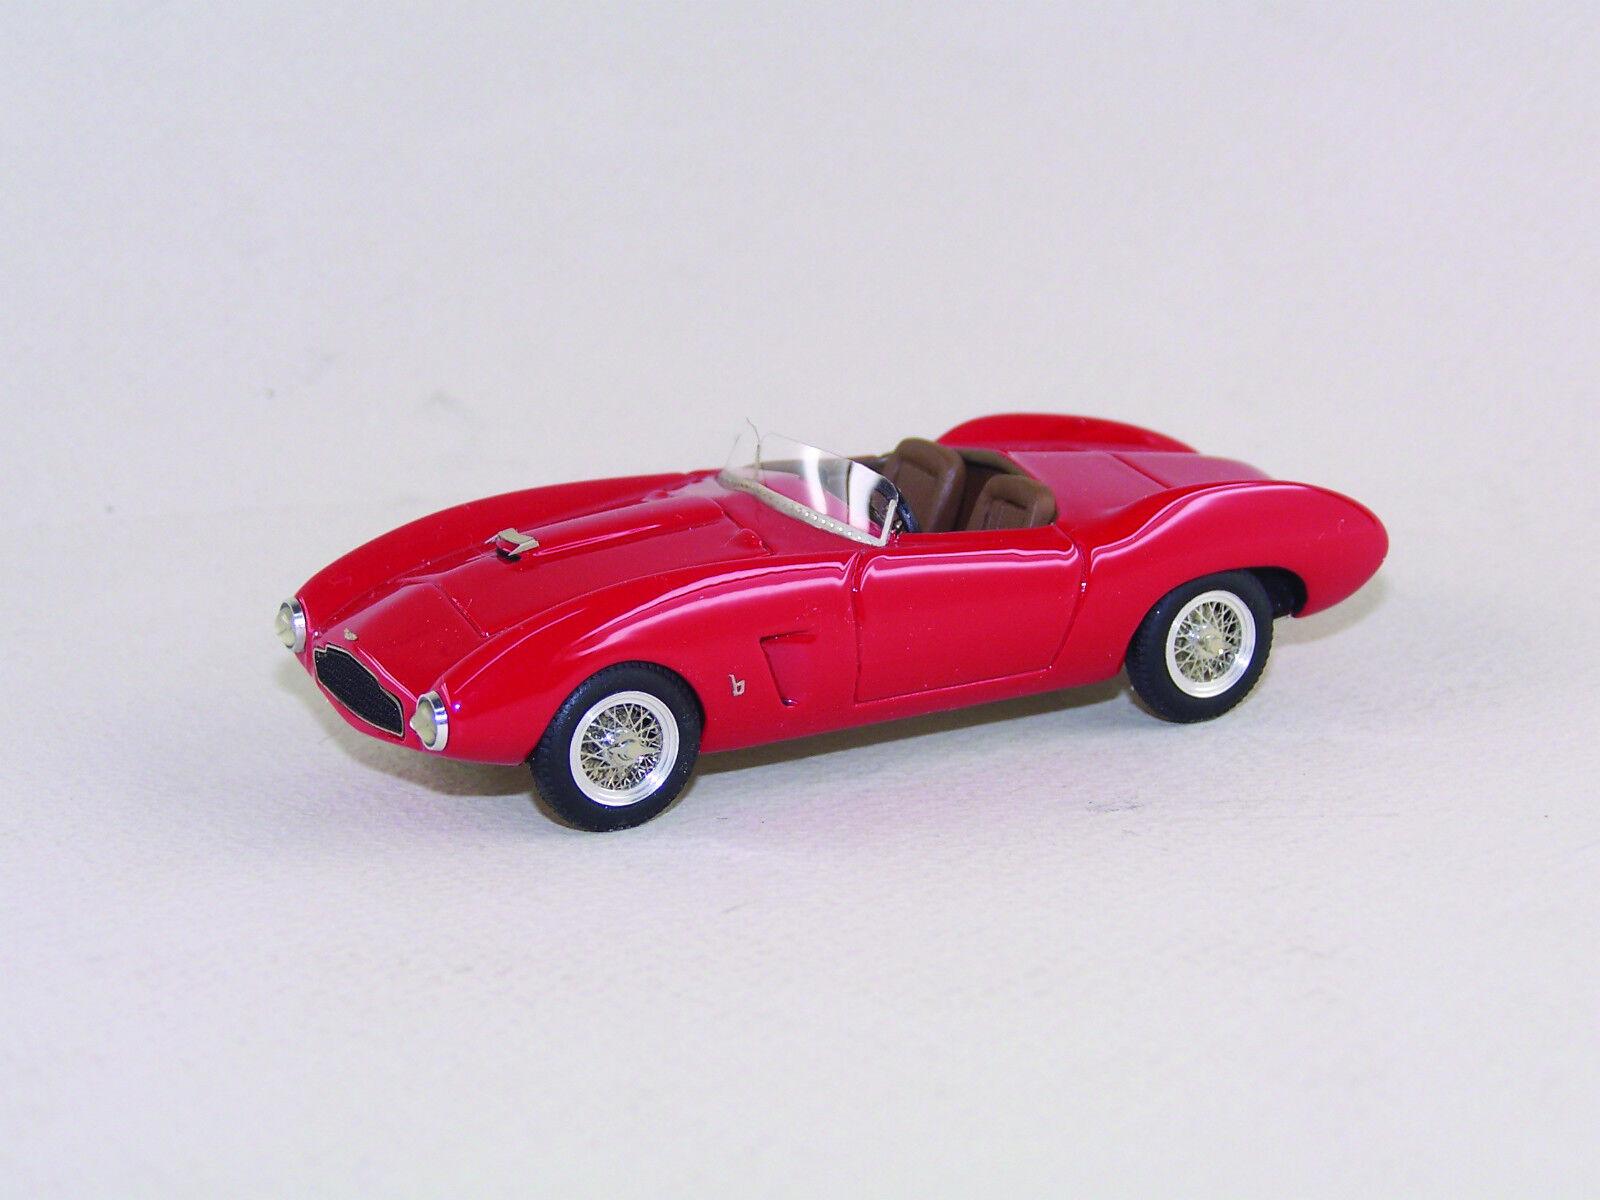 ABC 230R ASTON MkonstIN DB2  4 BERTONE SPYDER 1955 (röd)